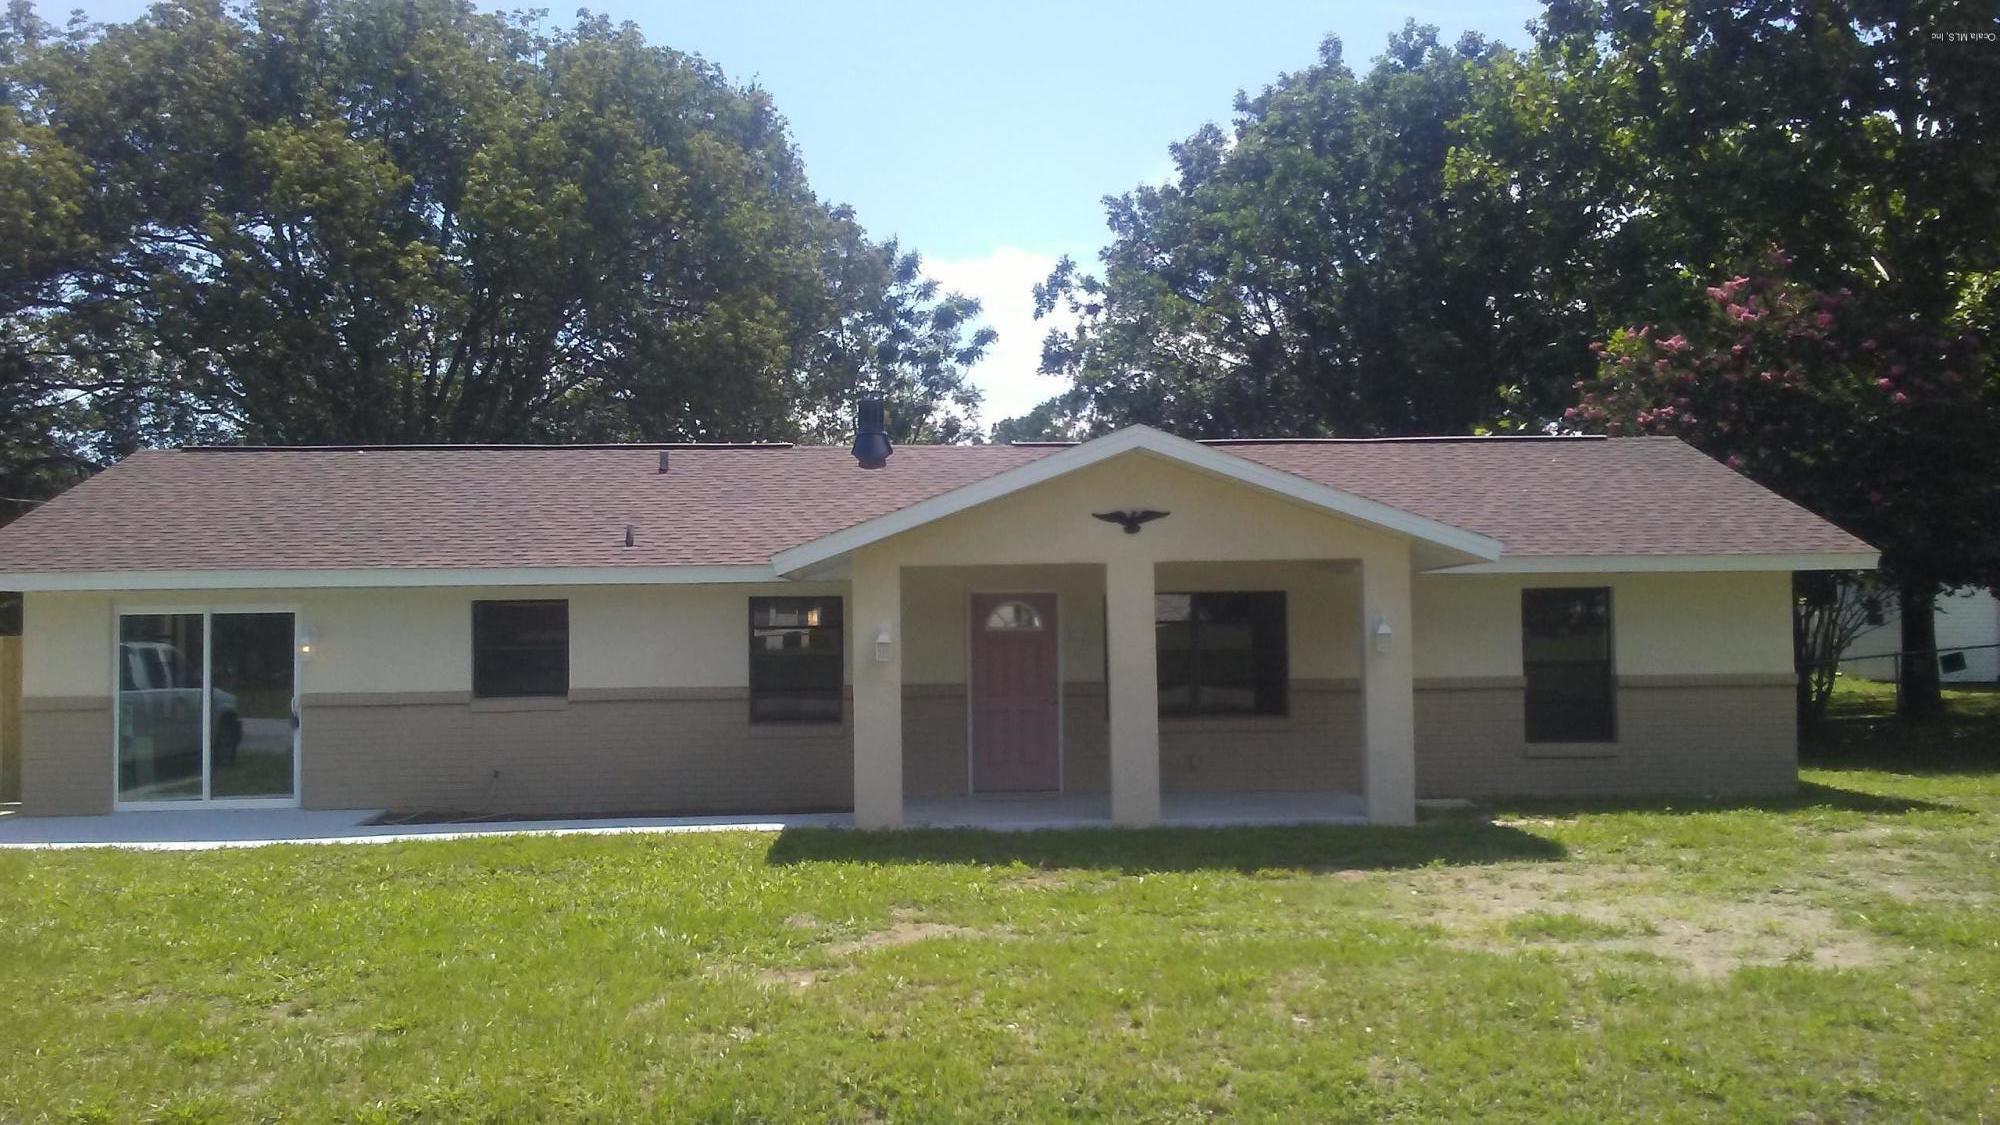 13692 SE 48TH COURT, SUMMERFIELD, FL 34491